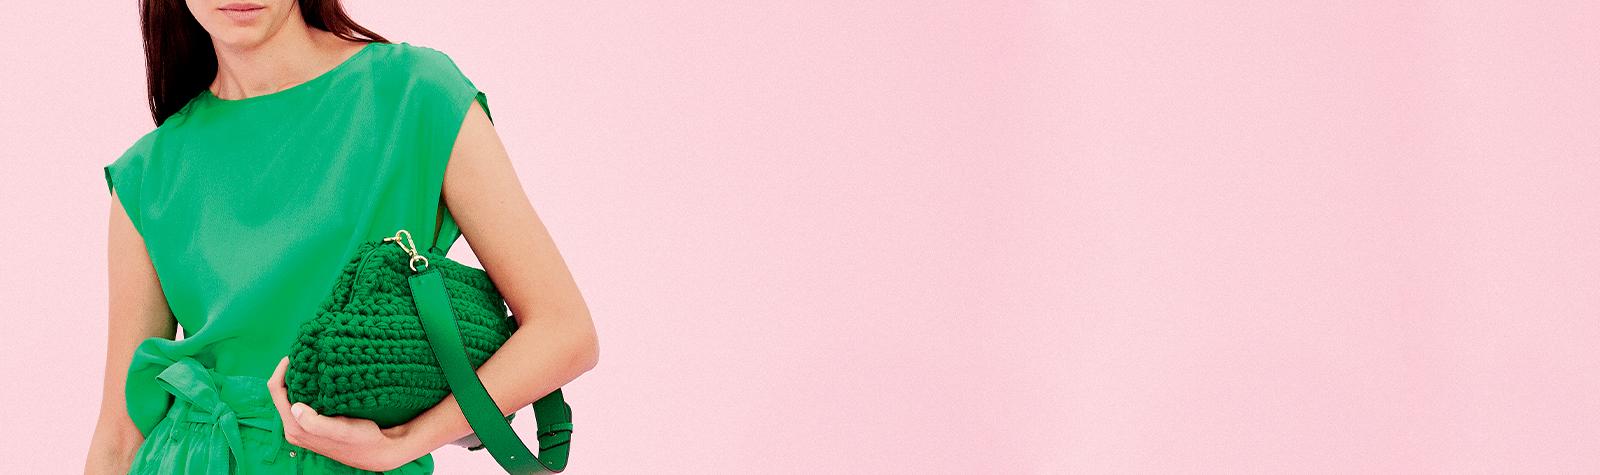 Borse da Donna Primavera Estate 2019  0e576be81a3